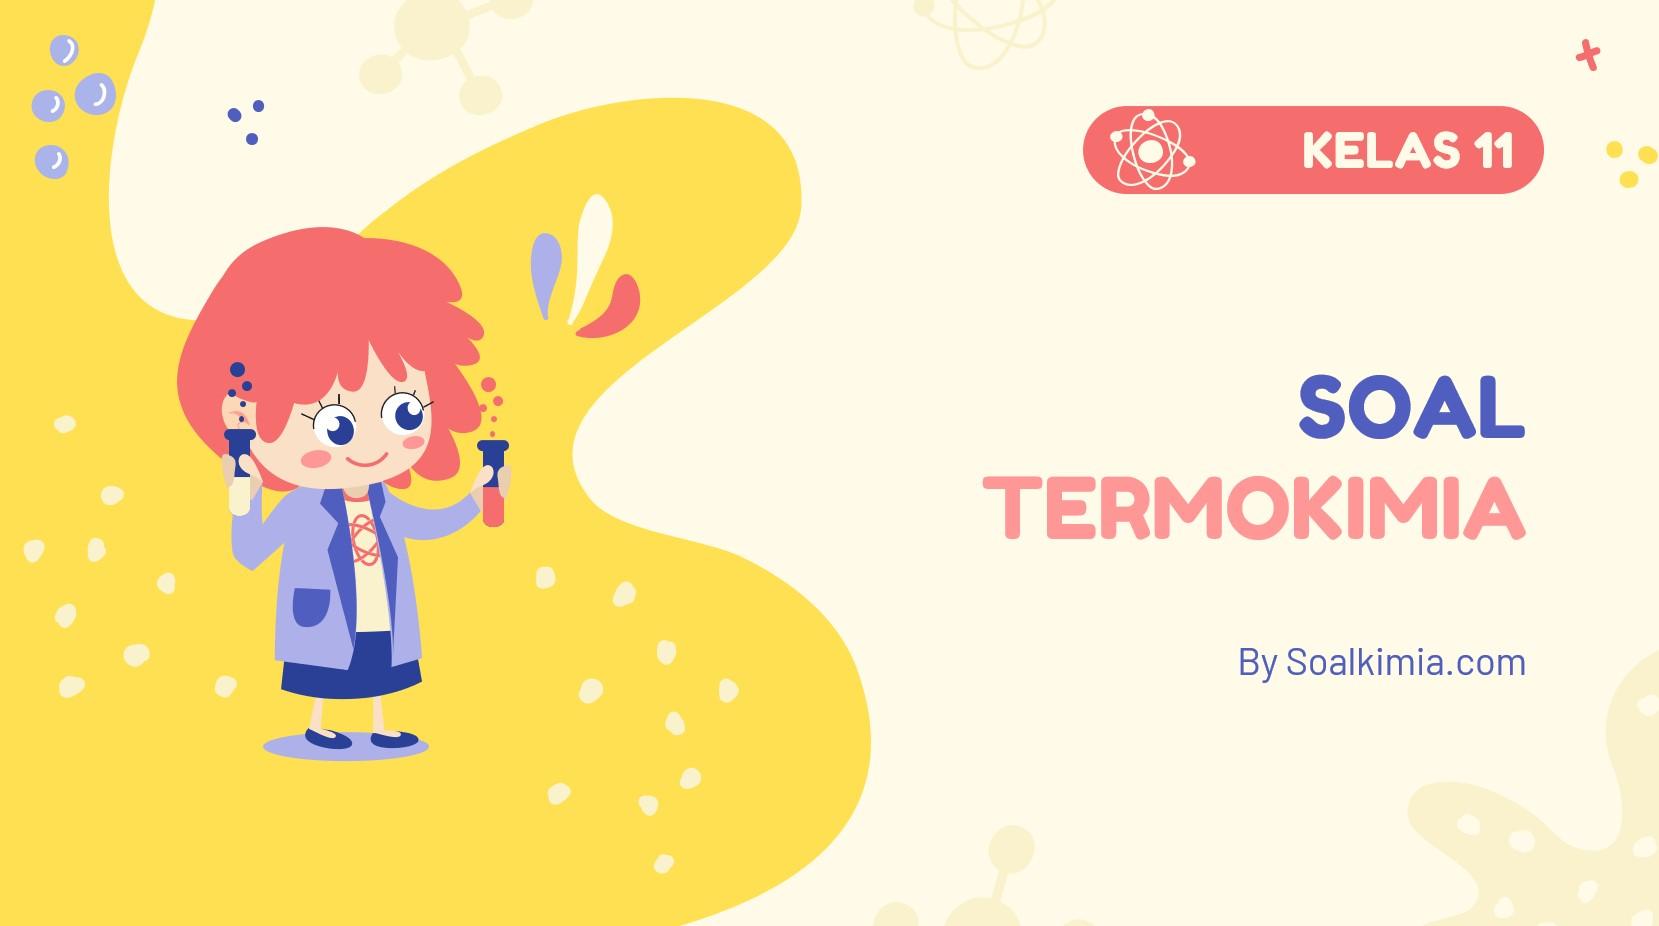 Soal termokimia